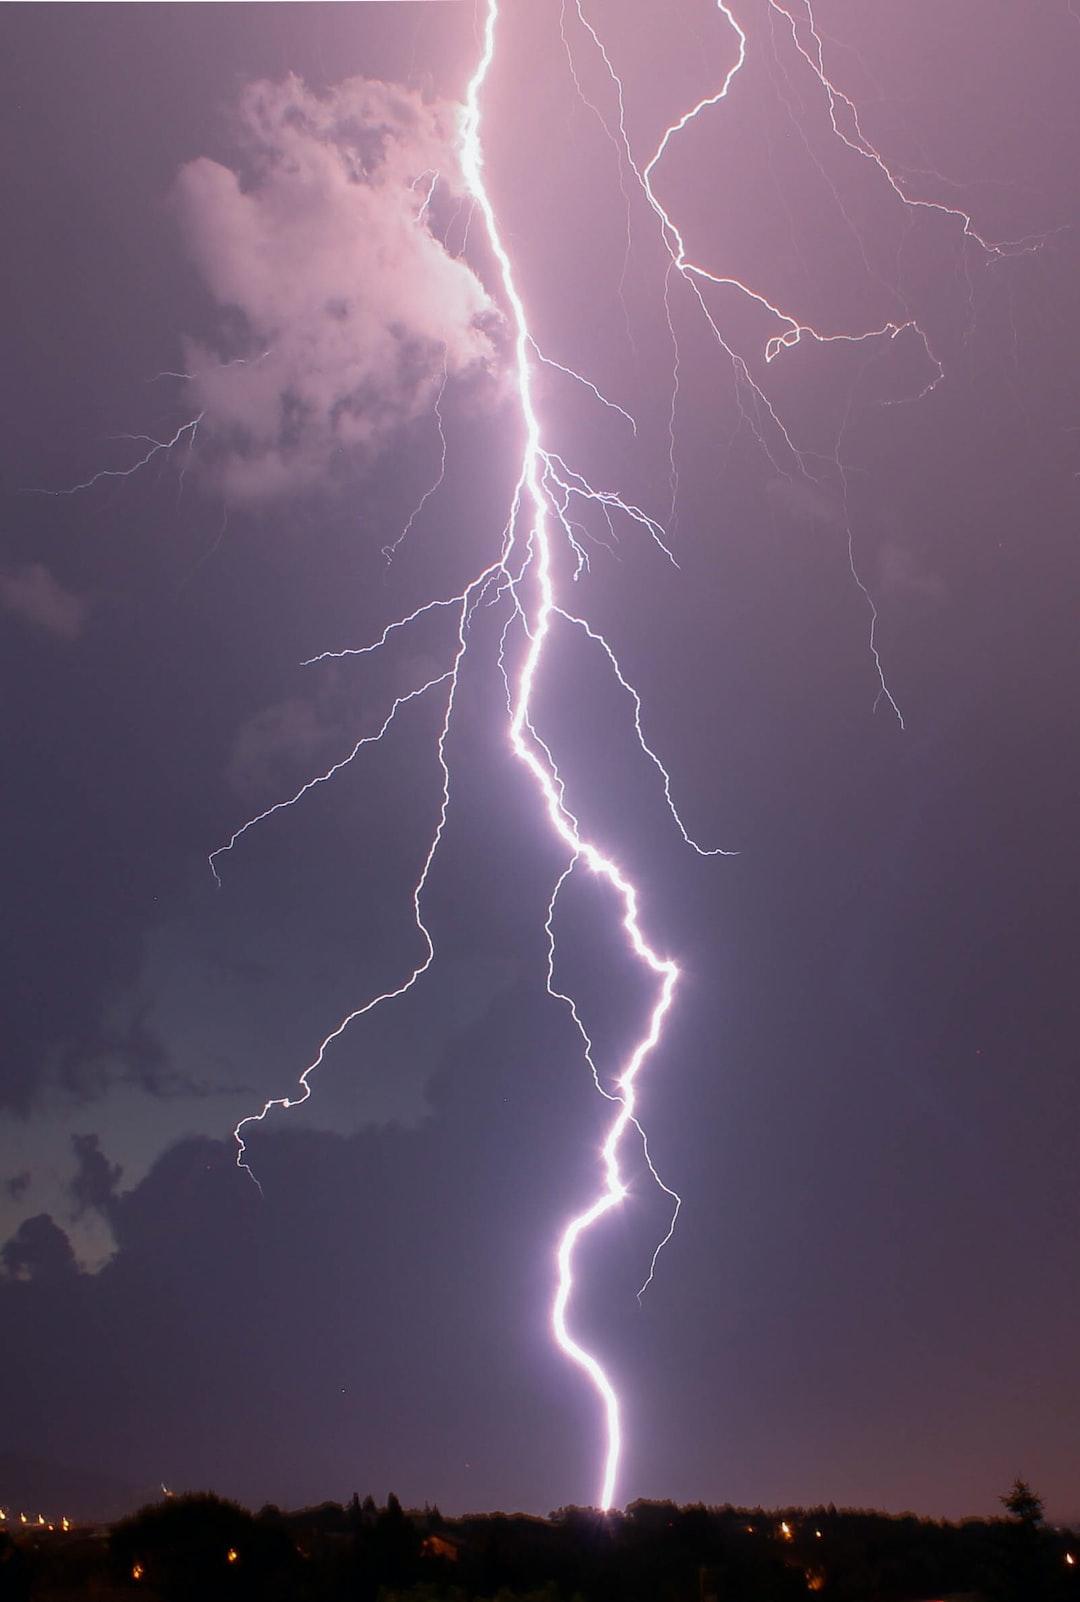 500+ lightning images | download free images on unsplash